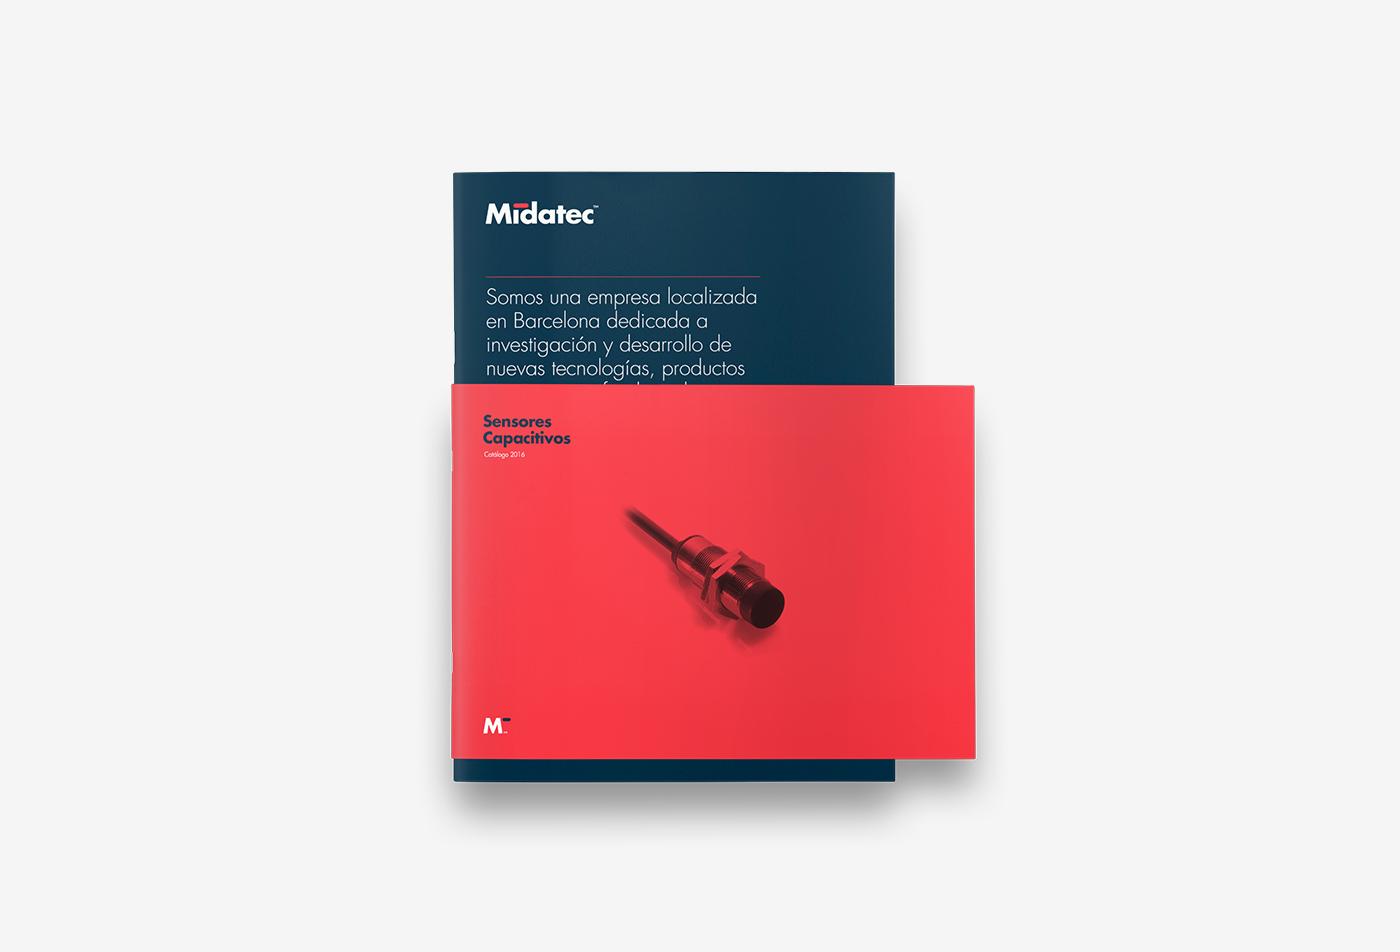 Diseño de identidad corporativa para empresa tecnológica - Diseño de dossier corporativo Midatec - Estudio de diseño Valencia Pixelarte